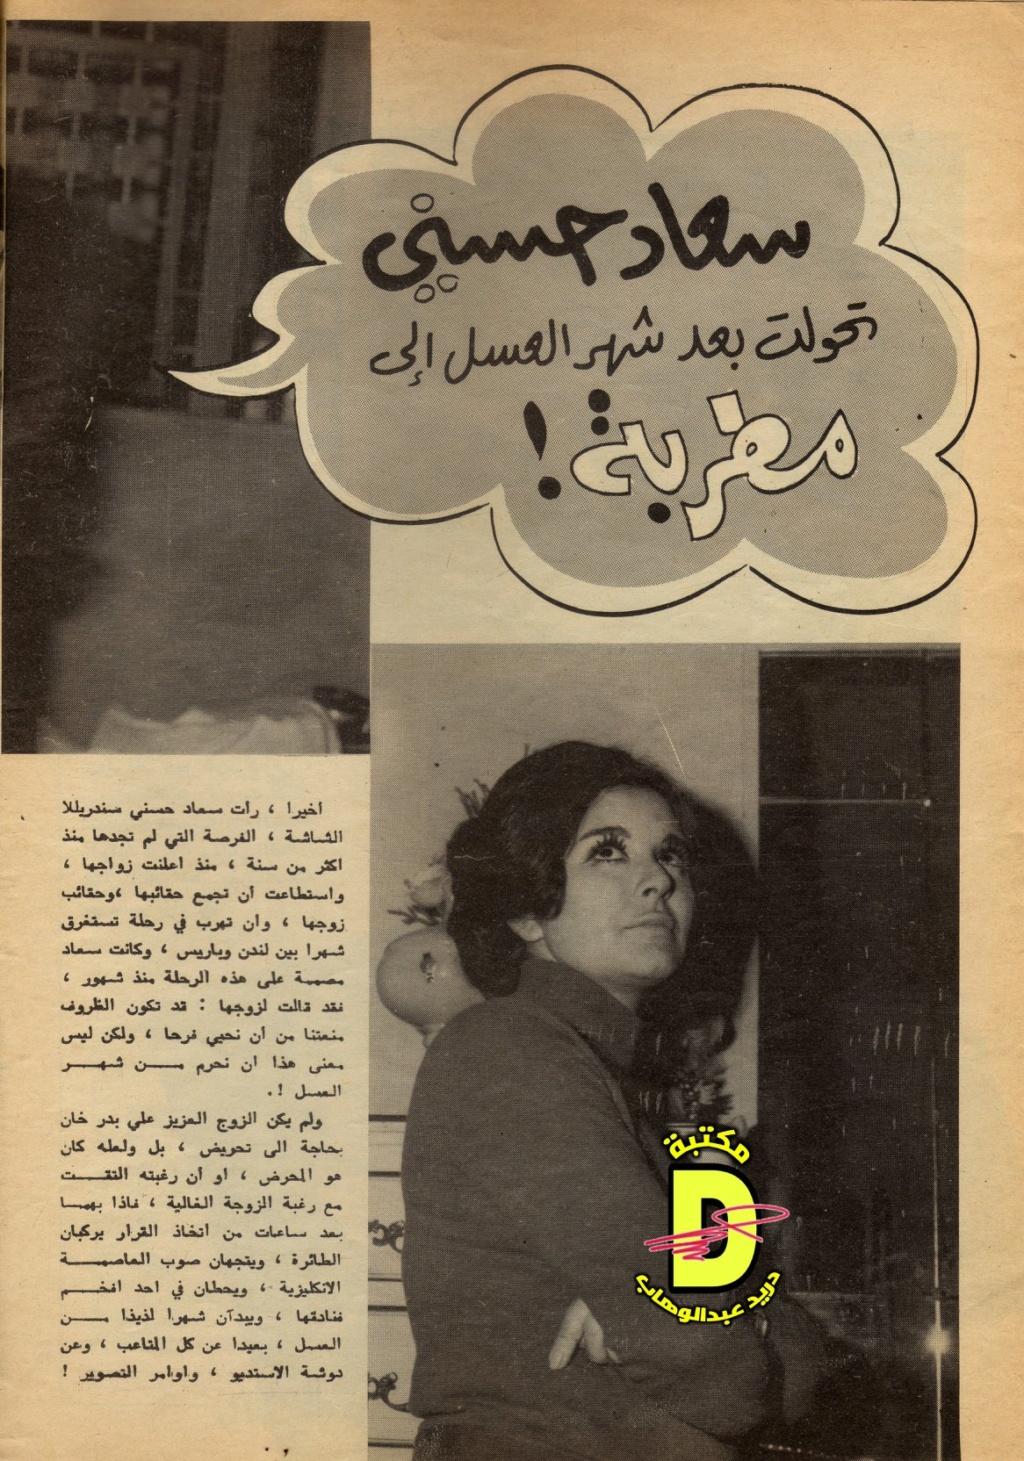 مقال صحفي : سعاد حسني تحولت بعد شهر العسل إلى مطربة ! 1973 م 138